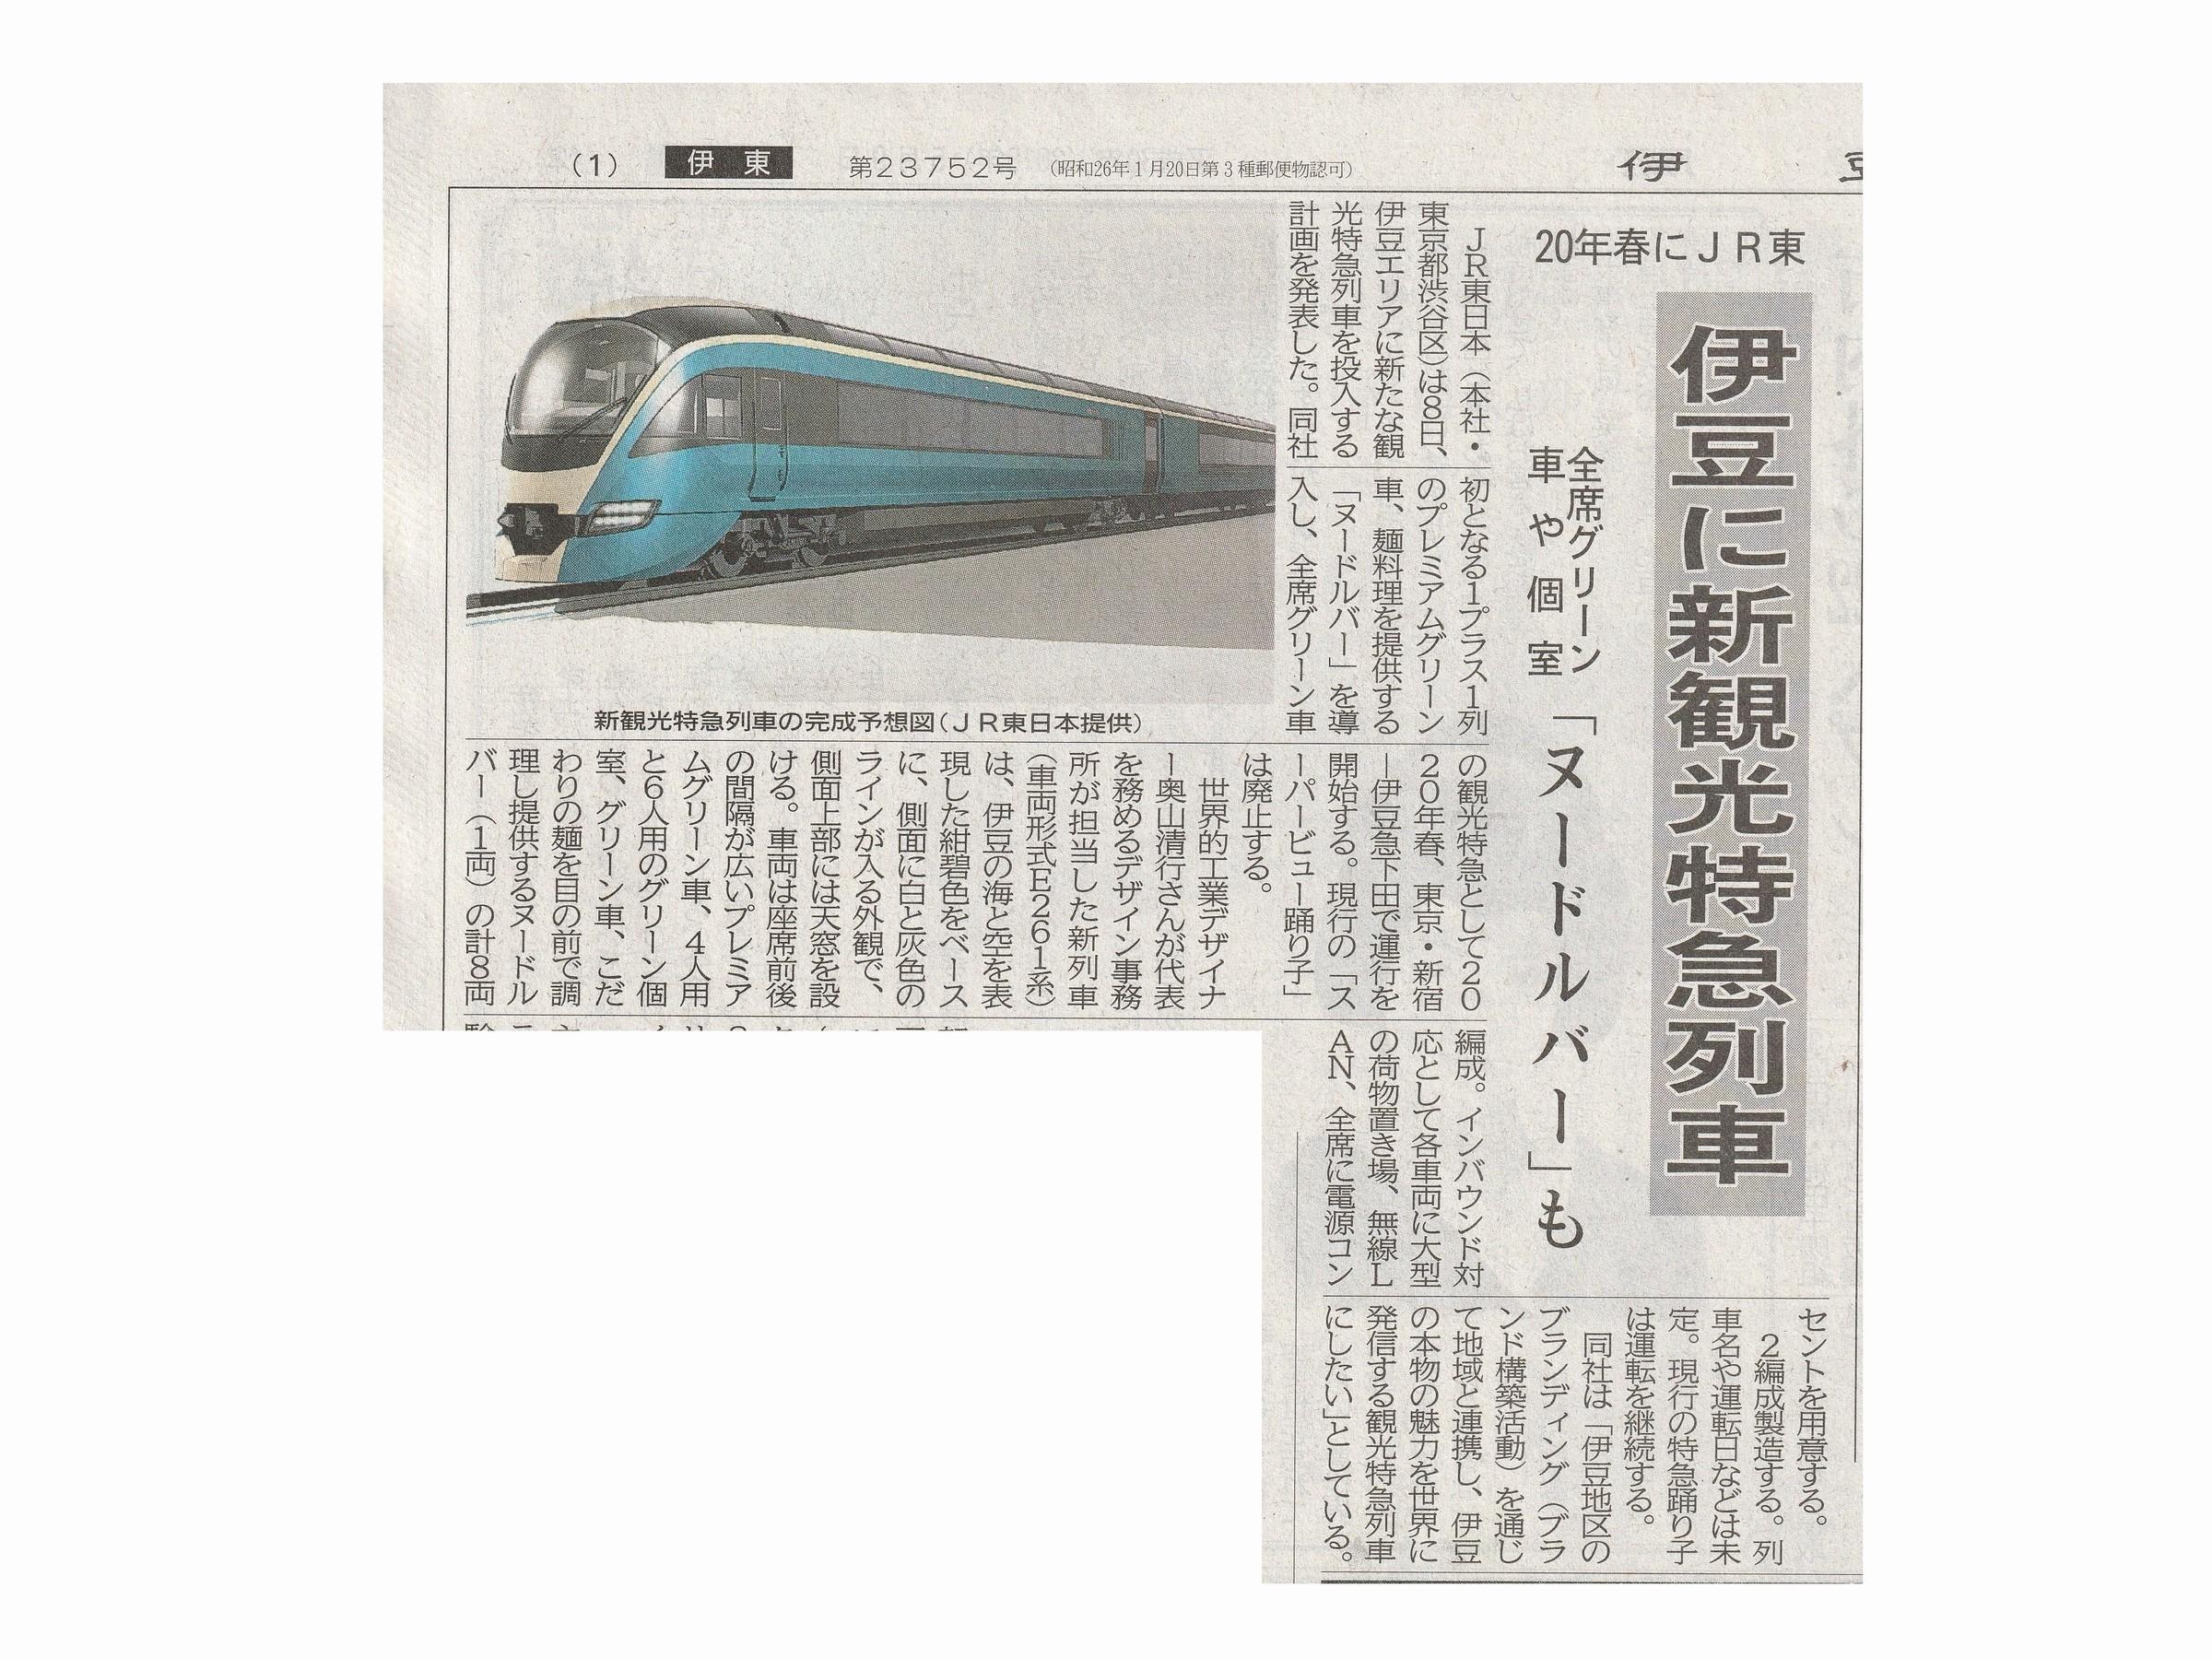 http://magaret.jp/mt_img/%E6%96%B0%E8%A6%B3%E5%85%89%E7%89%B9%E6%80%A5%E5%88%97%E8%BB%8A_JALAN_180509.jpg